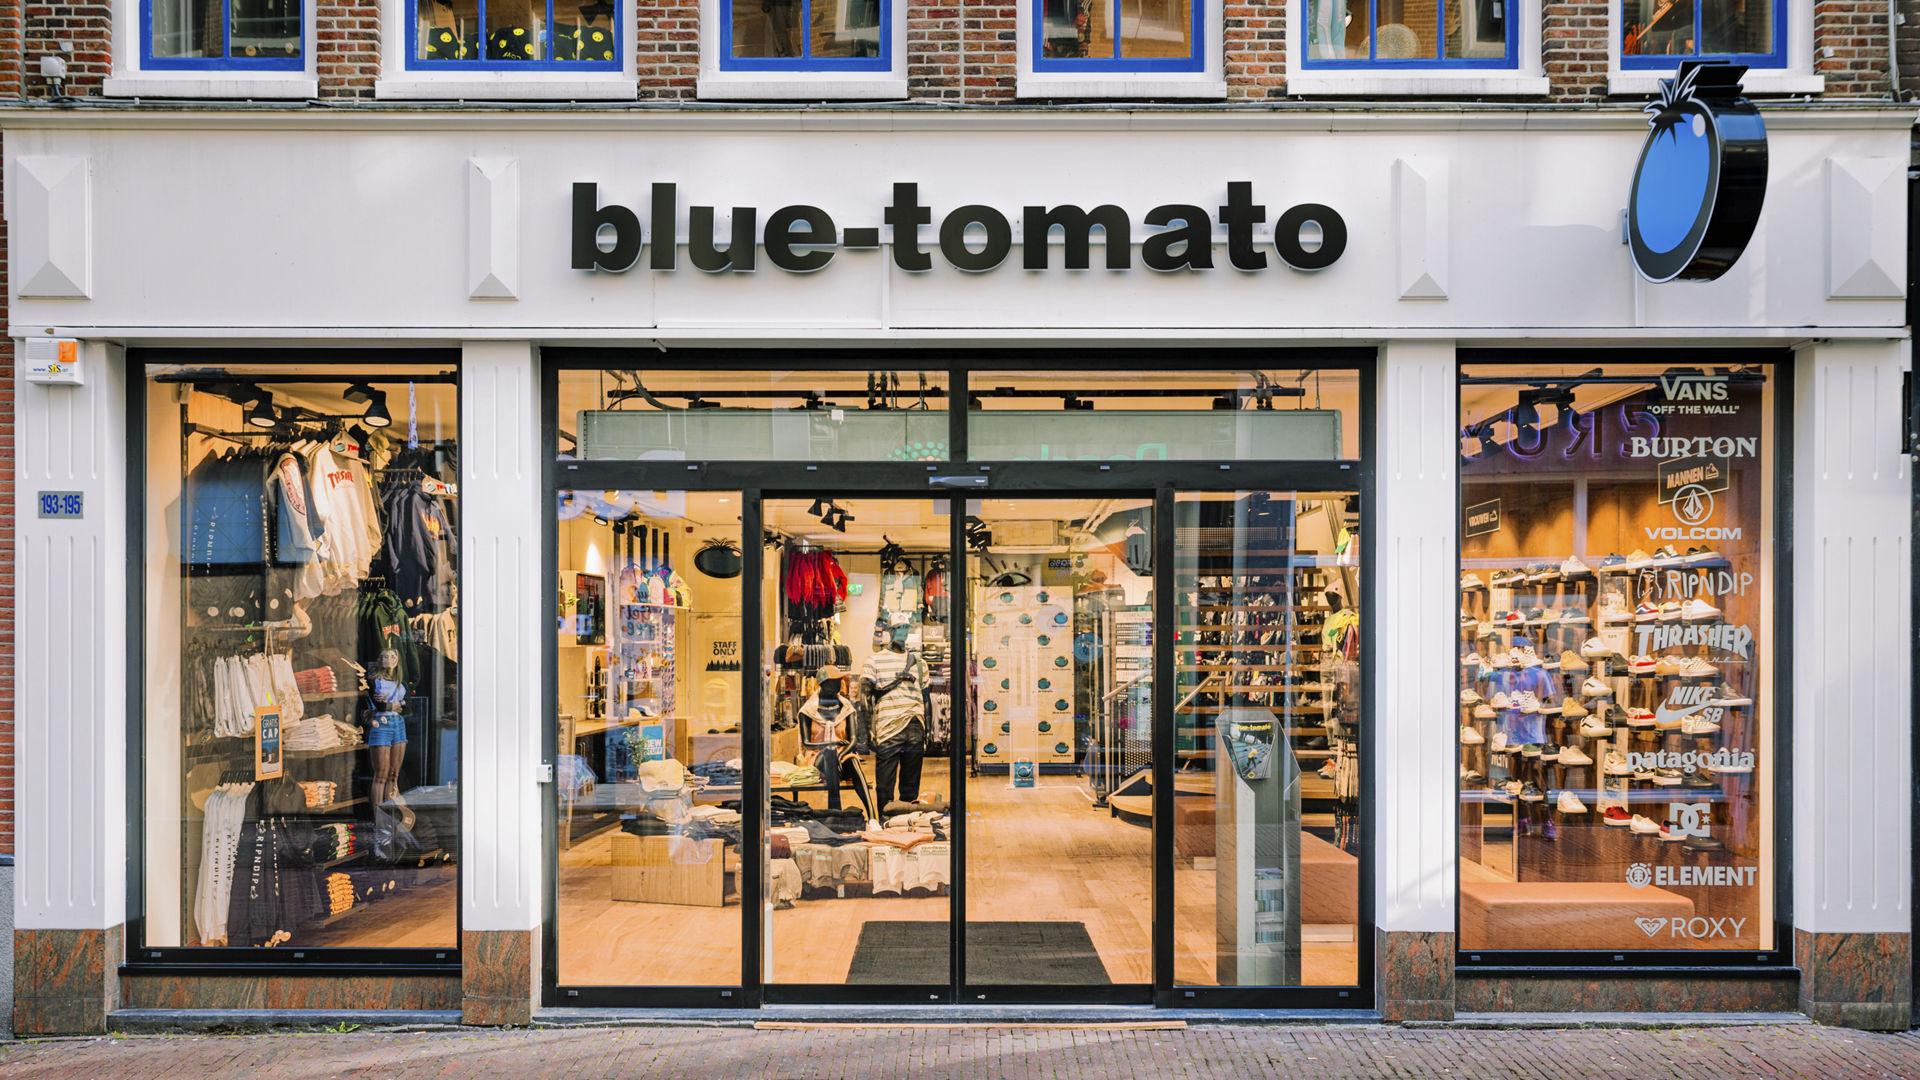 Blue Tomato Shops opened in Amsterdam & Utrecht